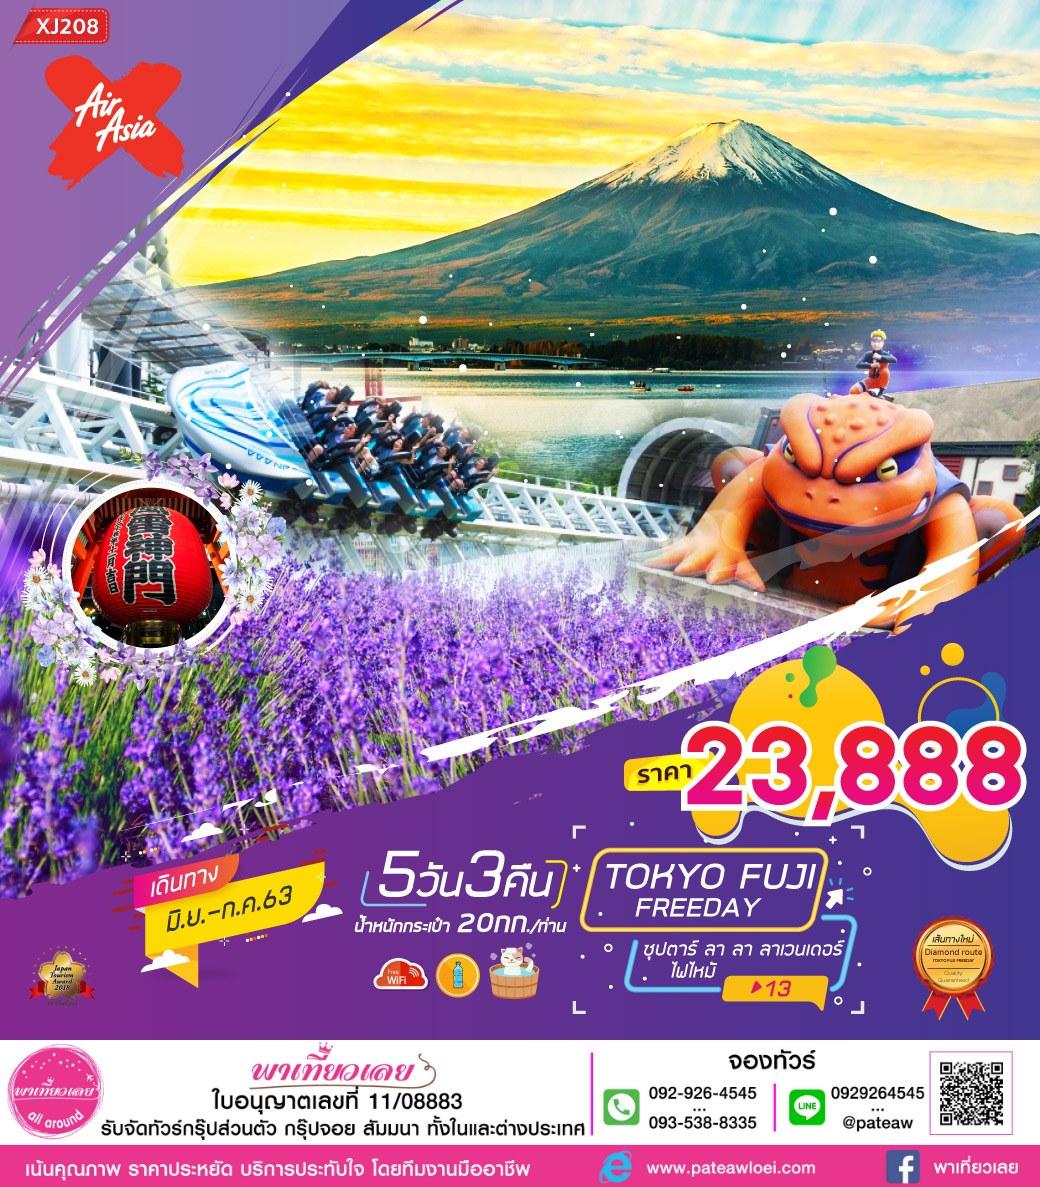 ญี่ปุ่น TOKYO FUJI FREEDAY ซุปตาร์ ลา ลา ลาเวนเดอร์ ไฟไหม้ 13 5วัน 3คืน